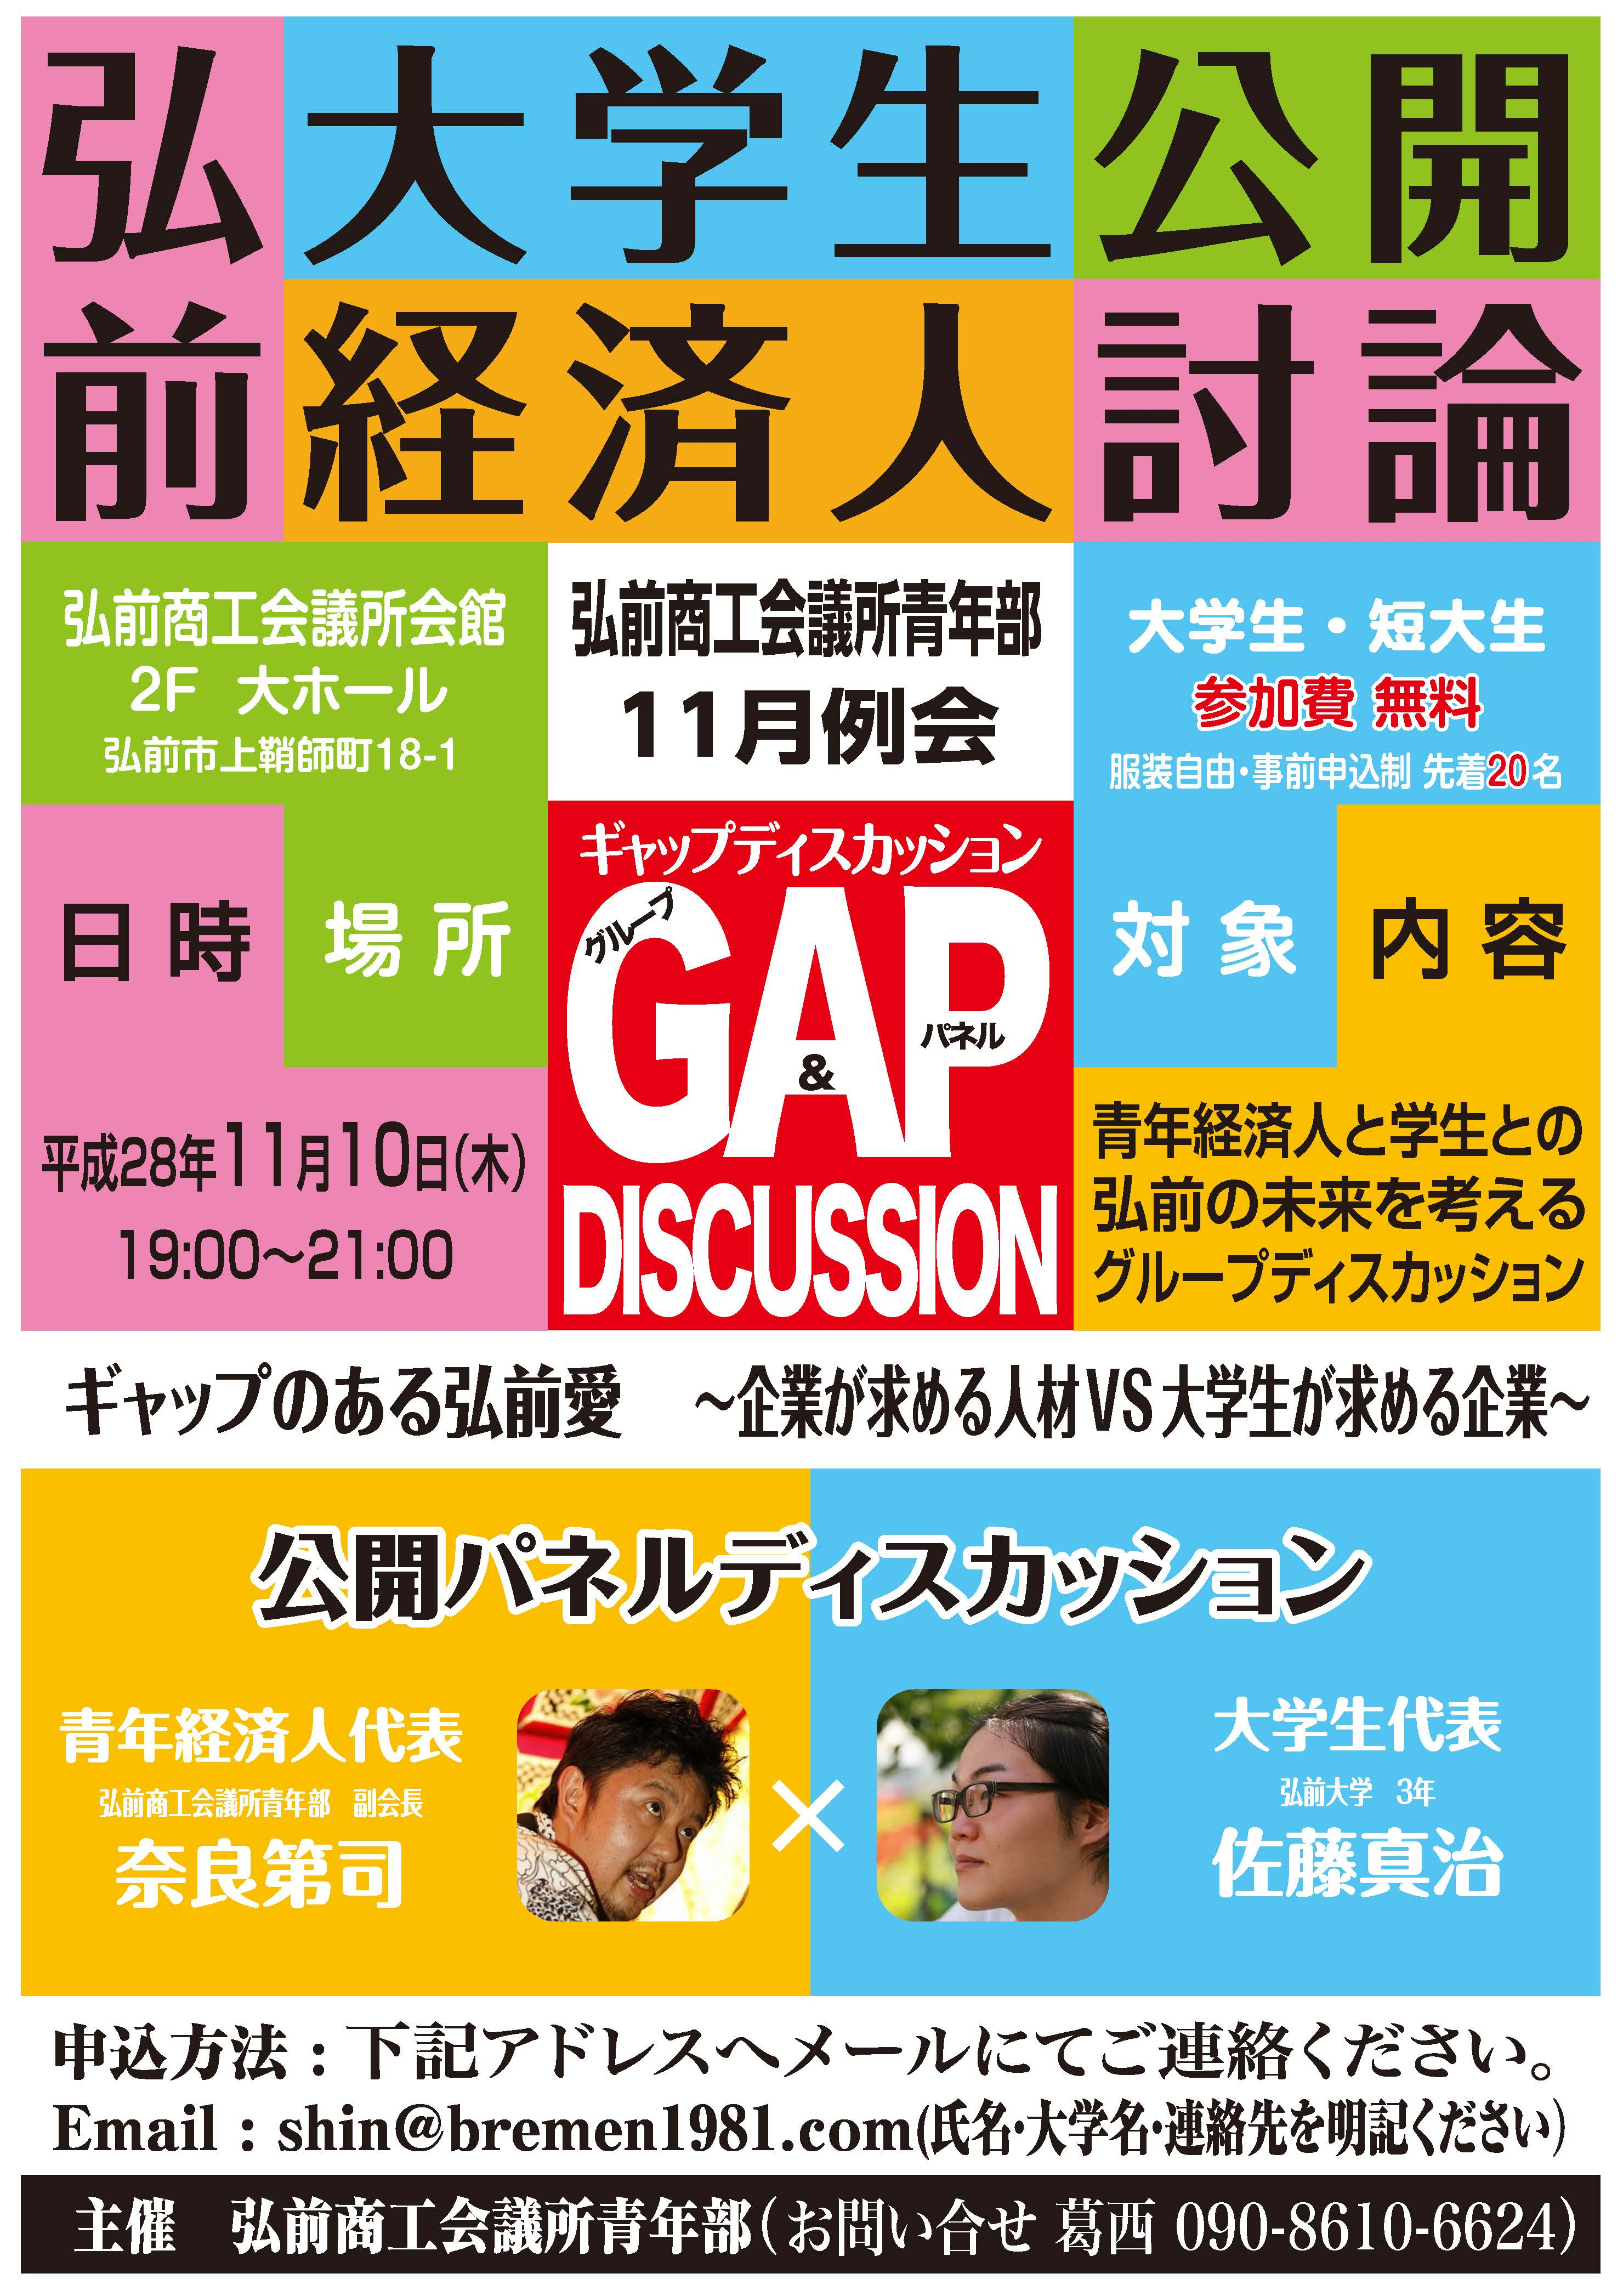 弘前大学生経済人公開討論 GAPDISCUSSION